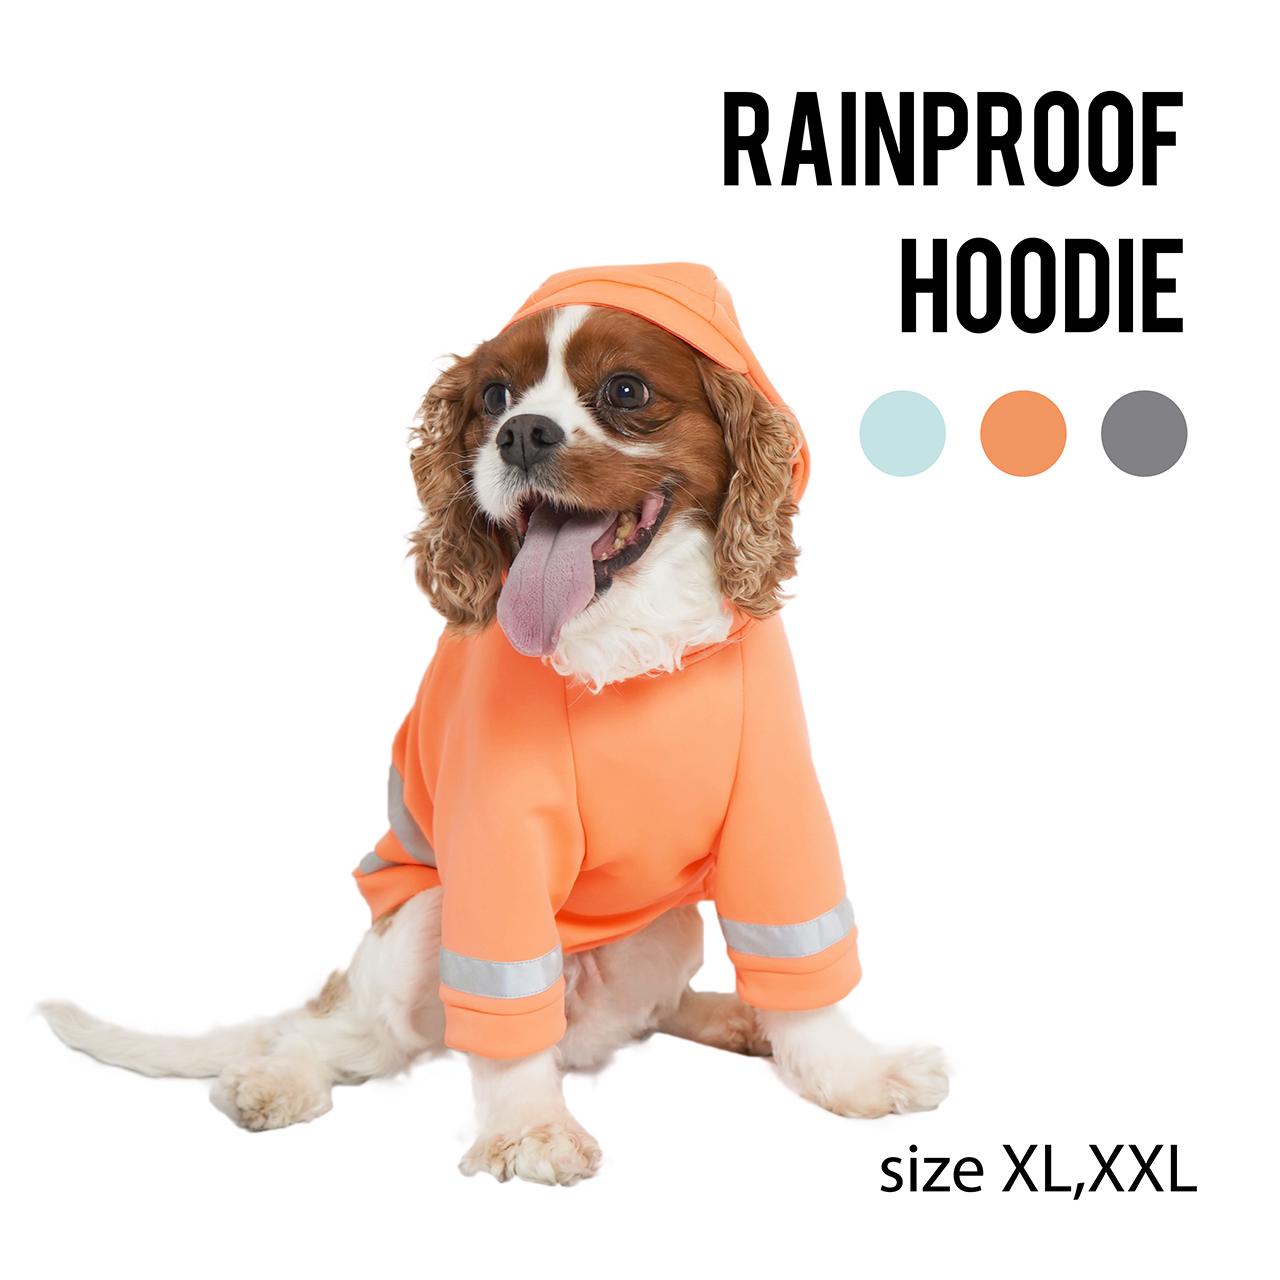 RAINPROOF HOODIE(XL,XXL)レインプルーフ